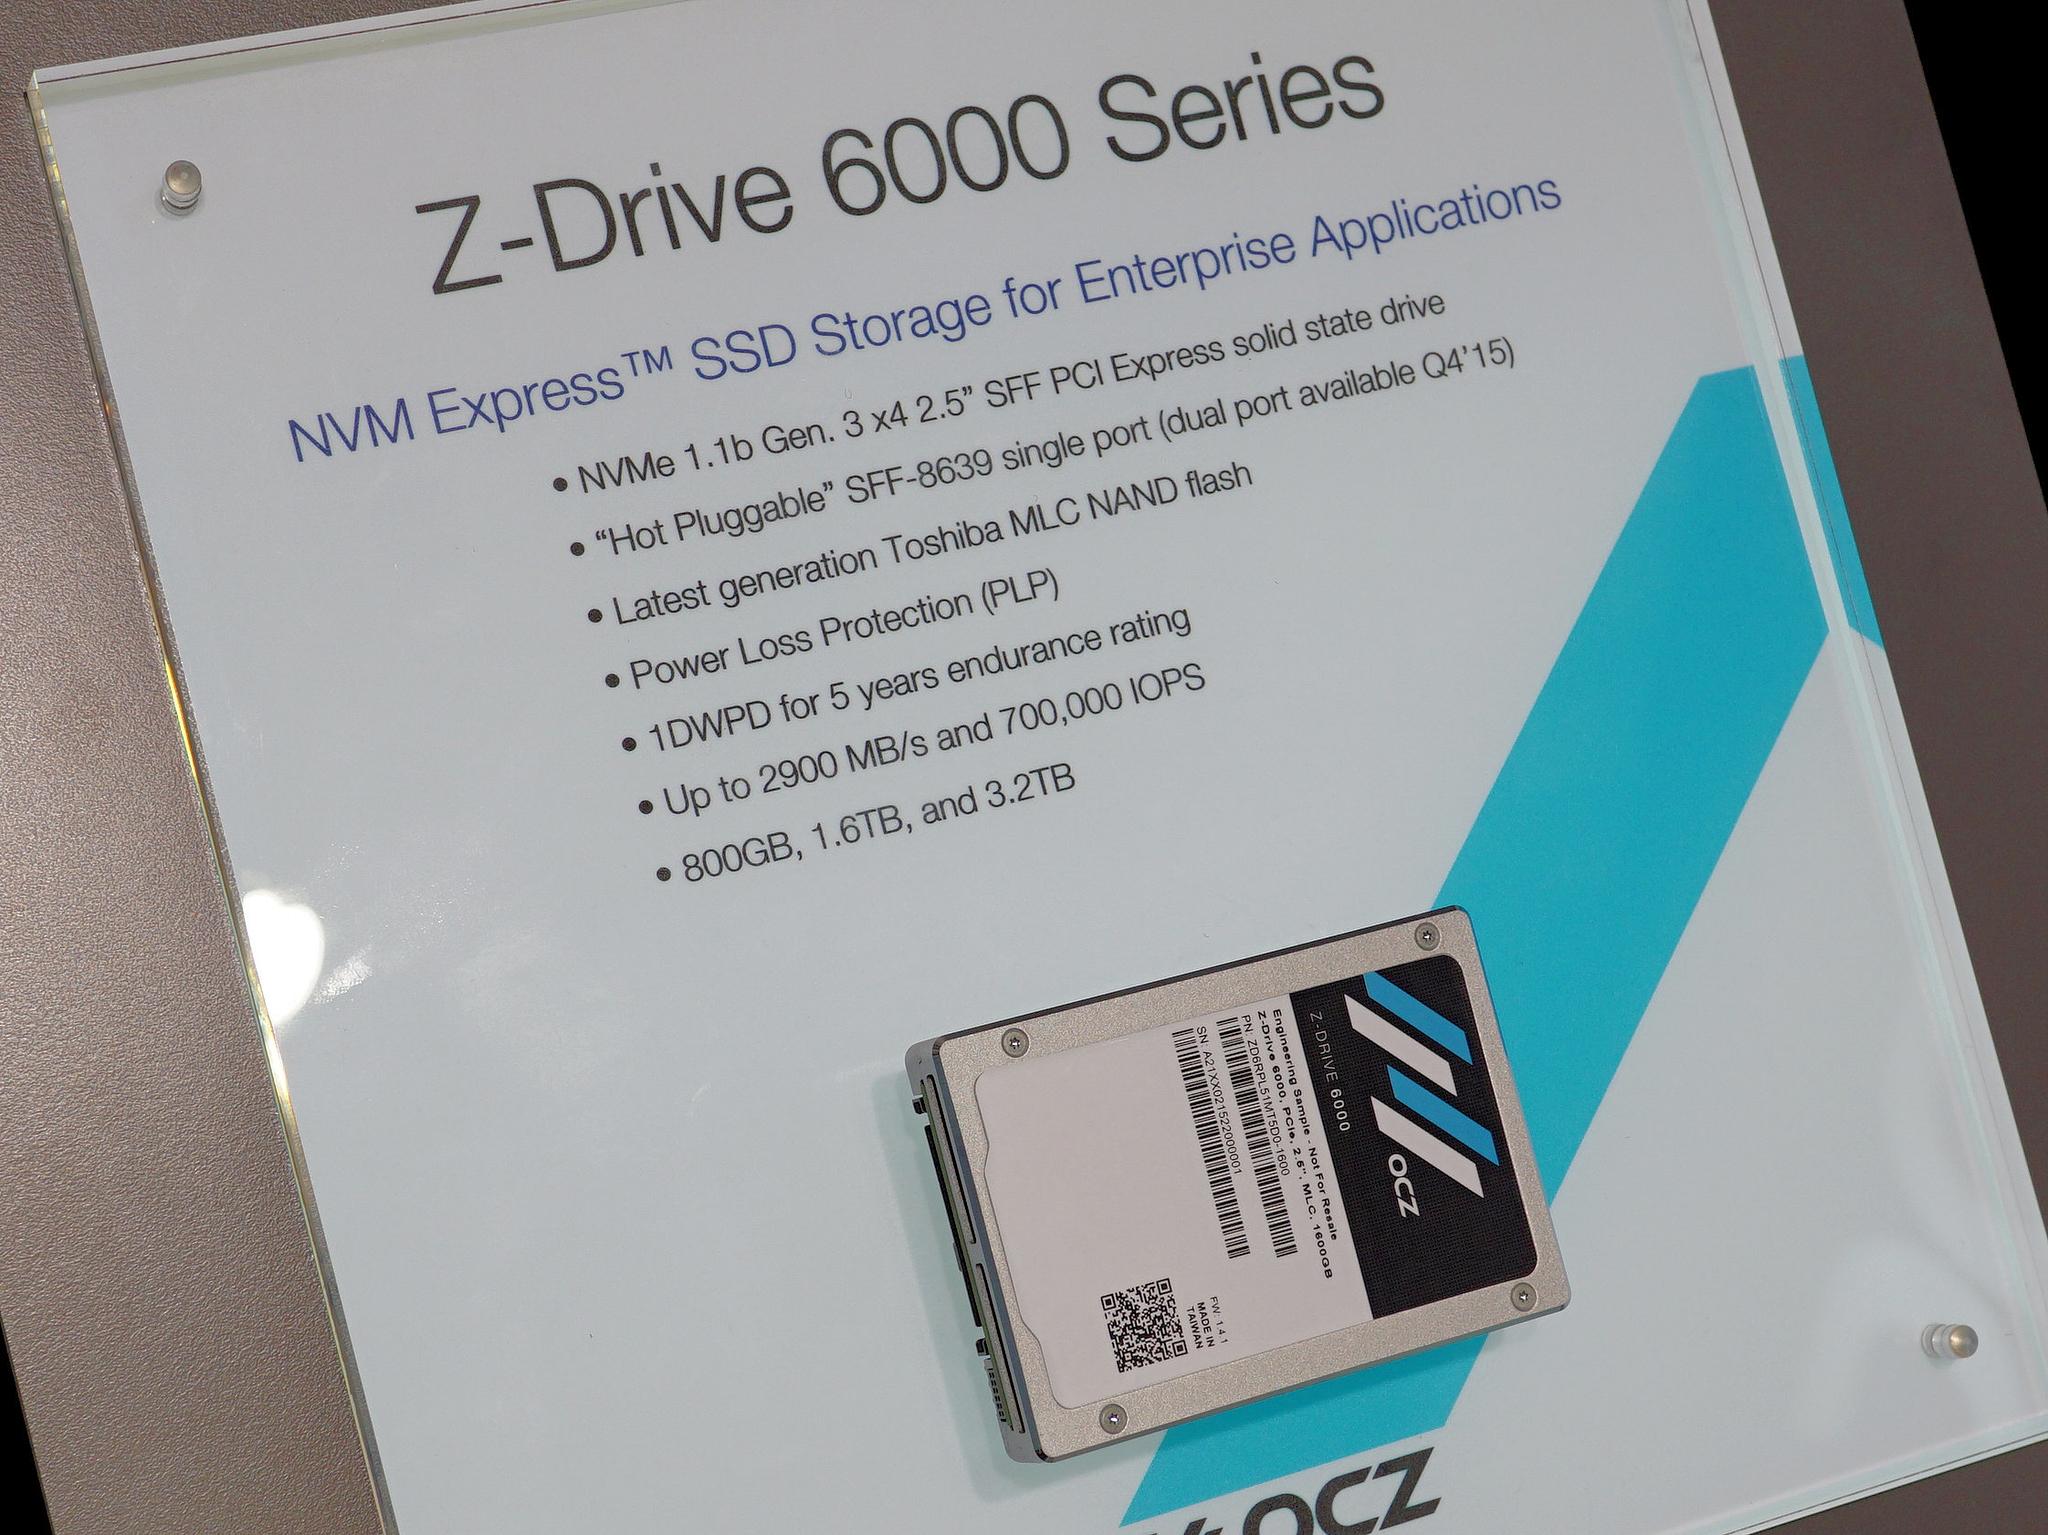 エンタープライズ向け新製品では「Z-Drive 6000」シリーズを展示。なかでも上位モデルのZ-Drive 6300は、世界初のSFF-6839インターフェースをデュアルで搭載する製品になる